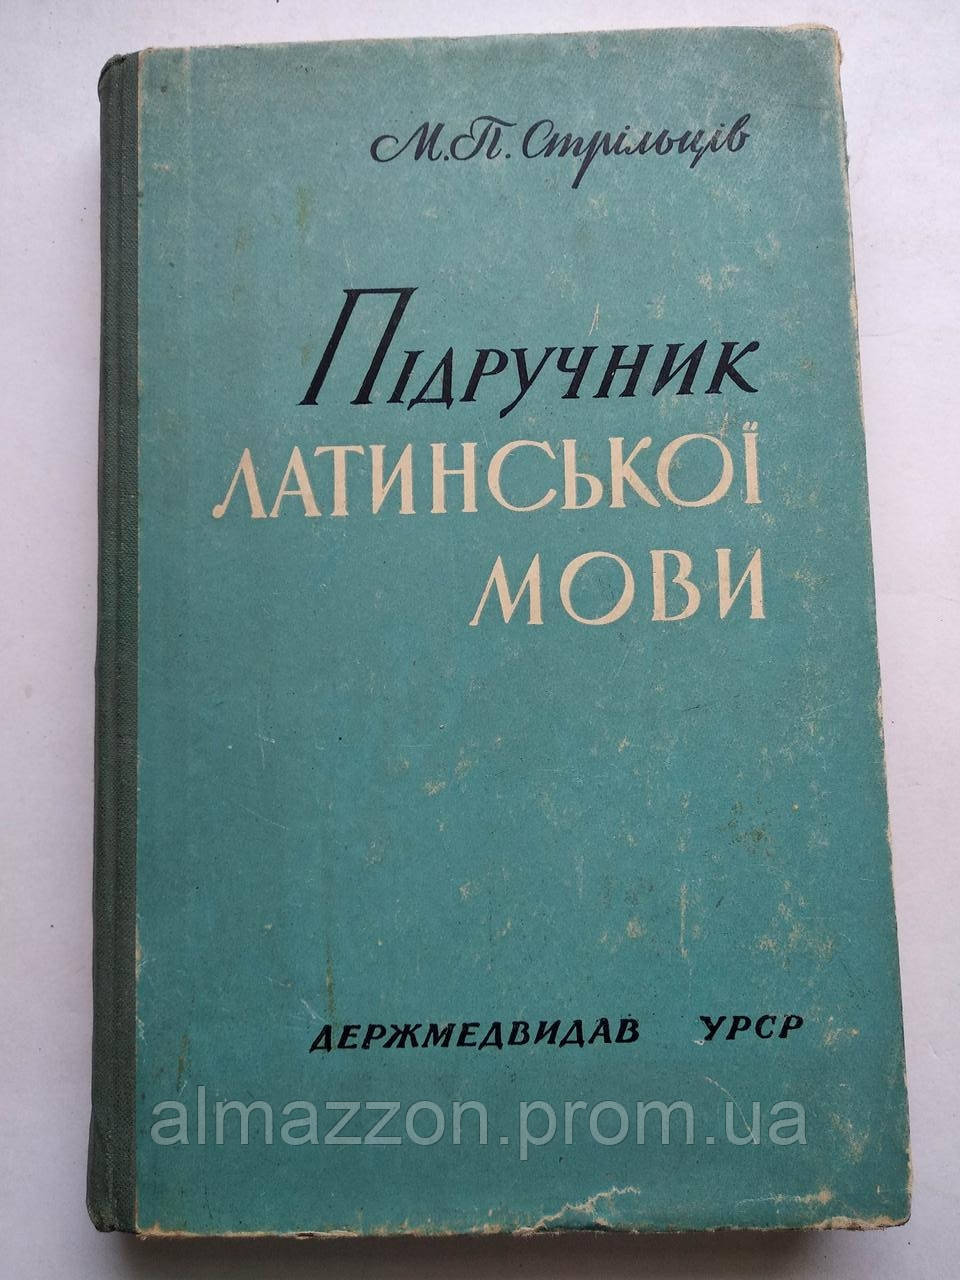 Підручник латинської мови М.П.Стрільців